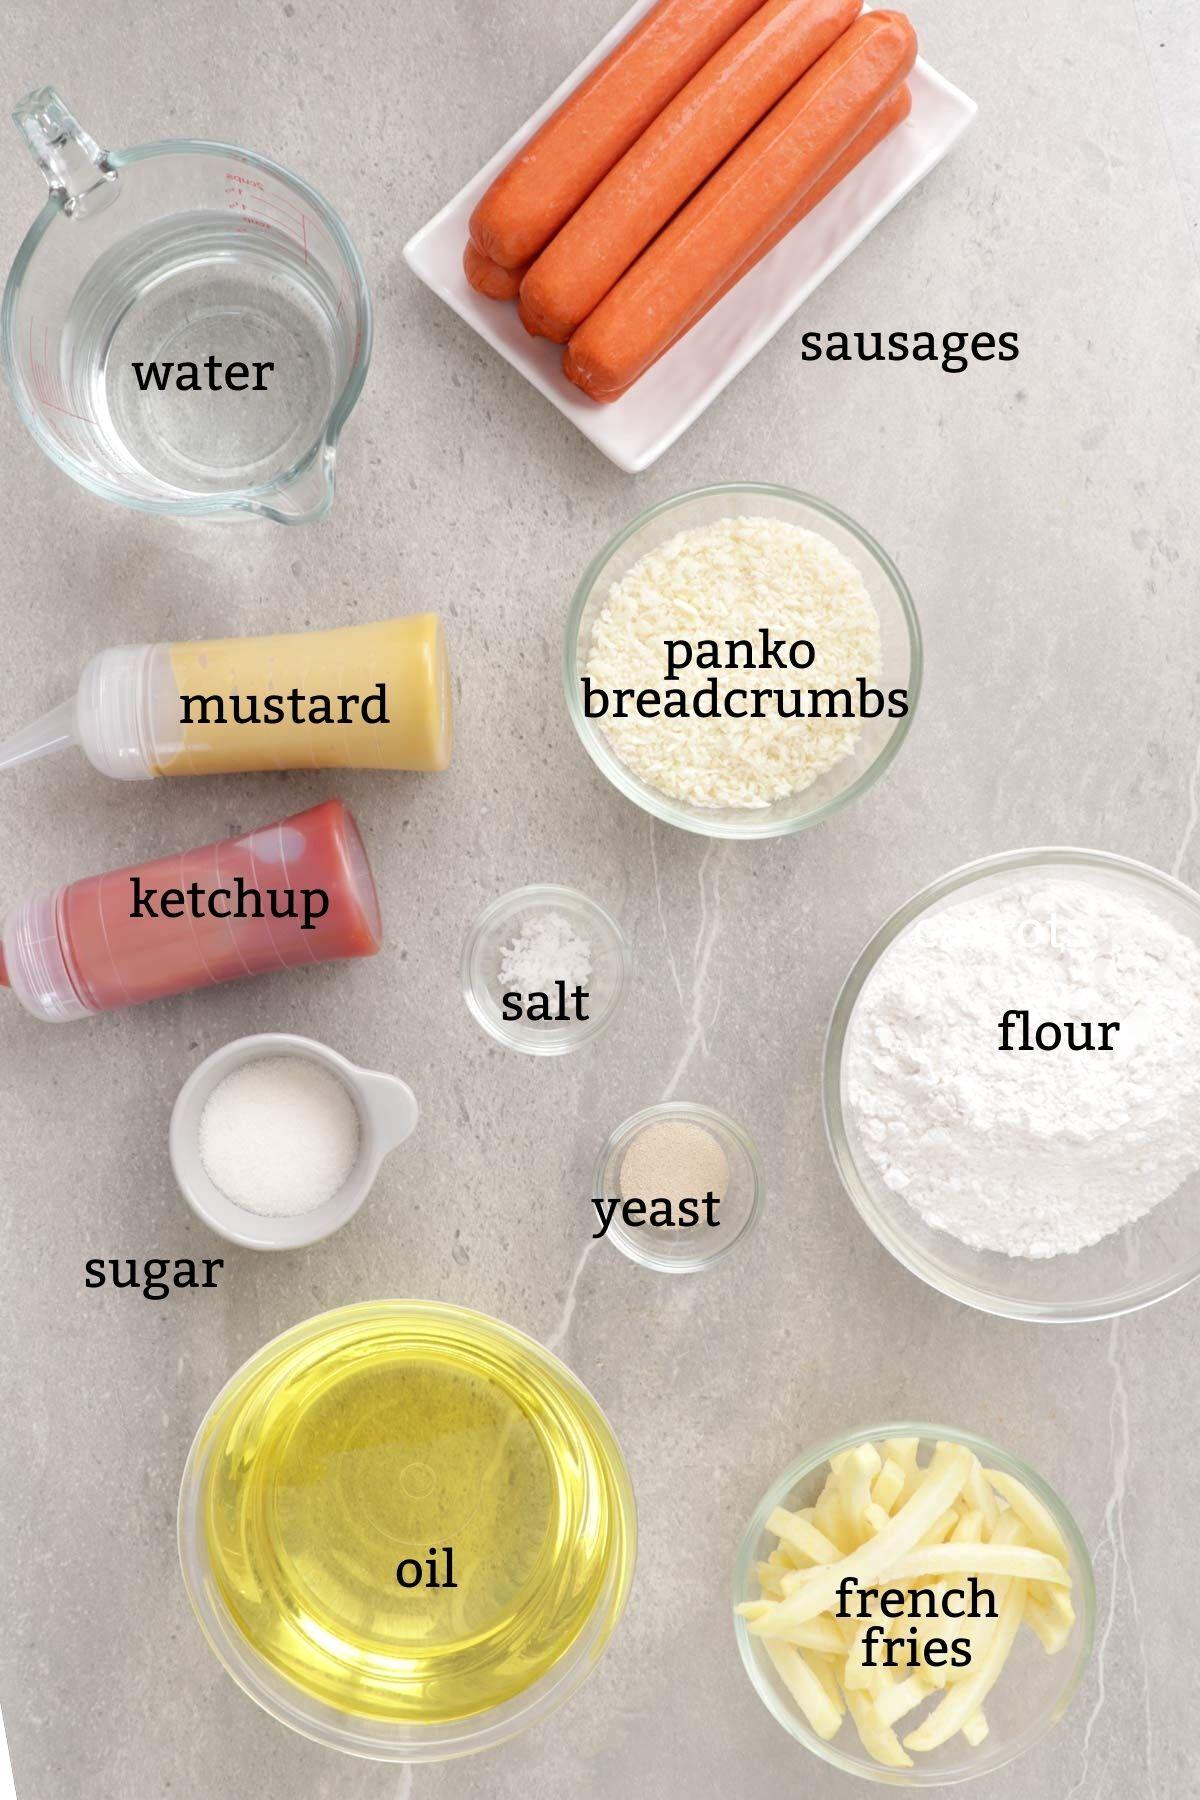 Ingredients for making Korean Corn Dogs.